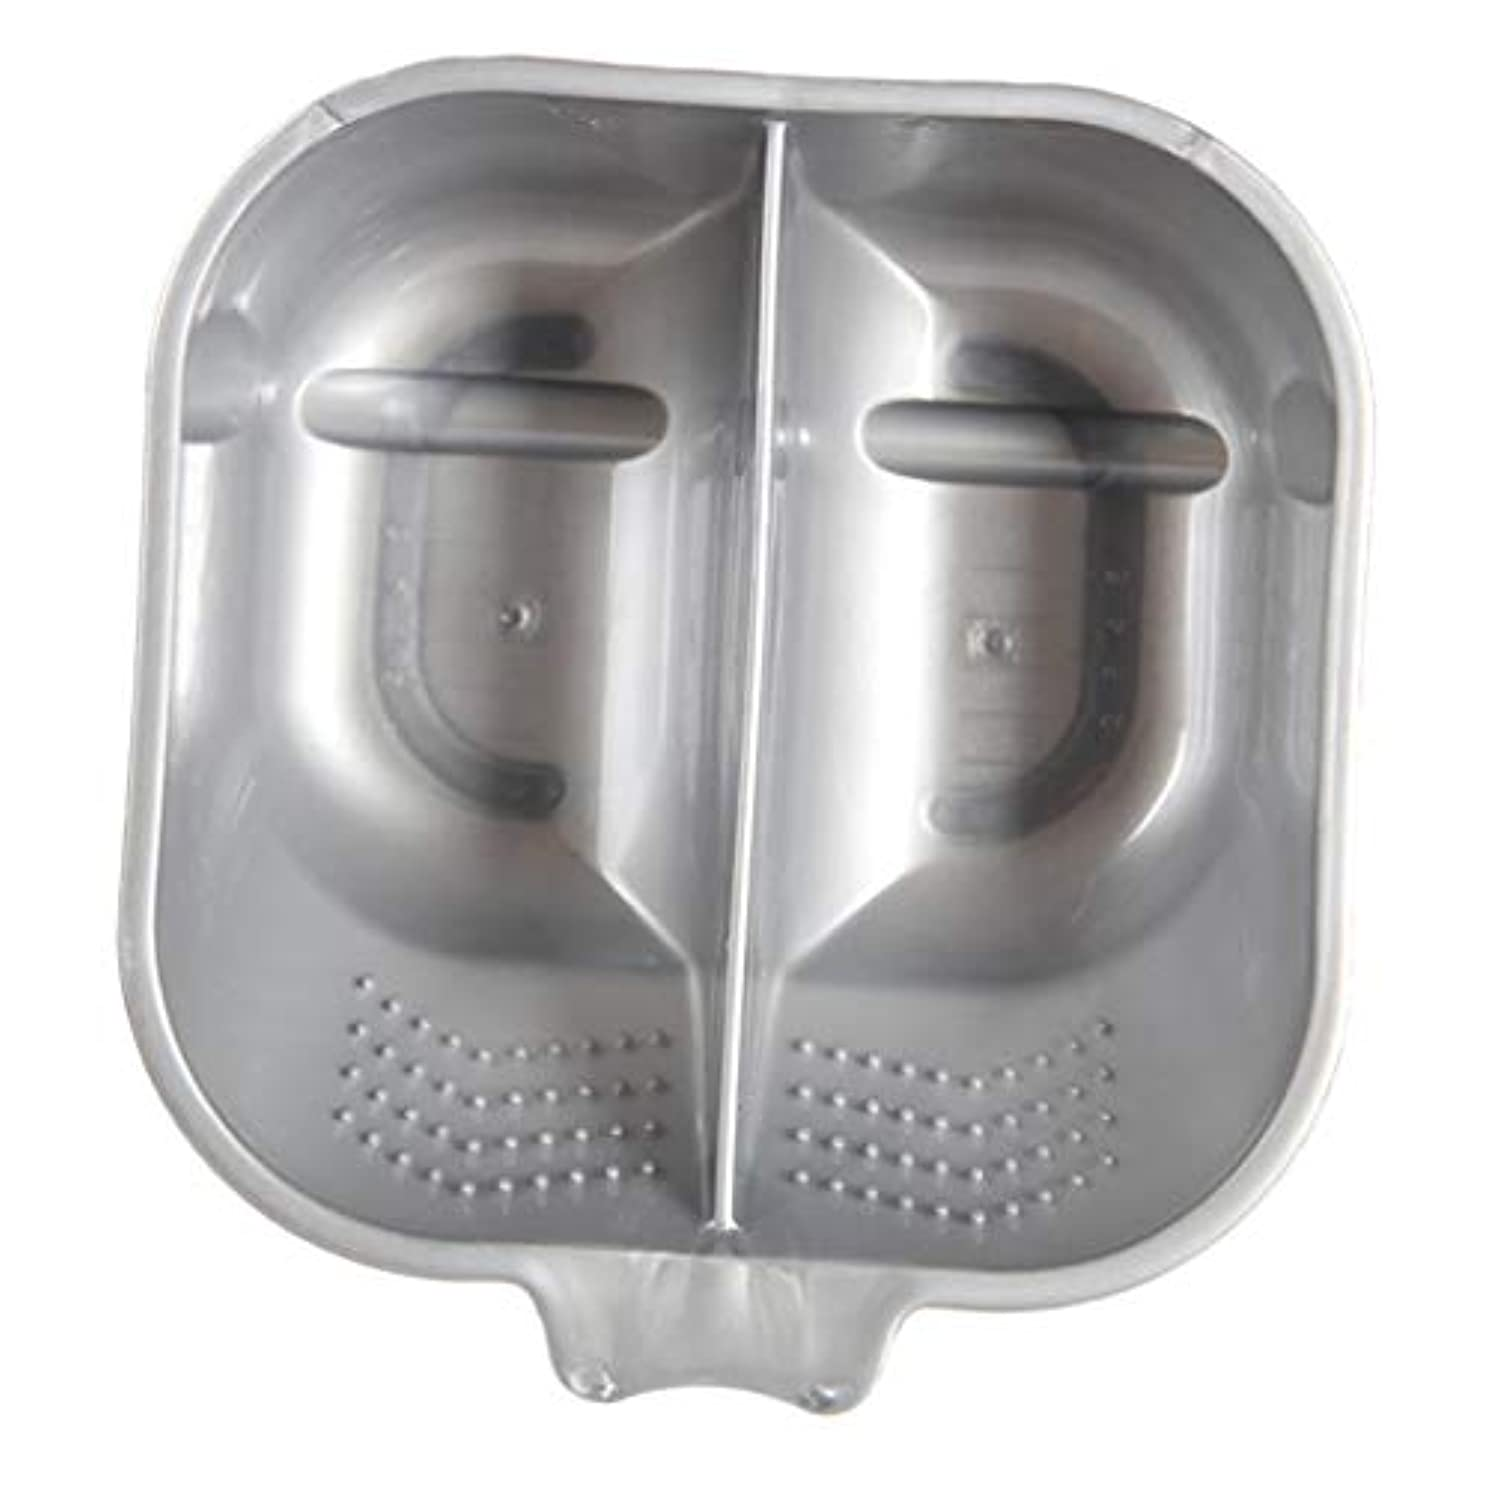 キャッチ鳴らすサンプルヘアカラーボウル ヘアカラーリング用品 ヘアカラープレート 毛染め 染料 混ぜる サロン プロ用品 - 銀